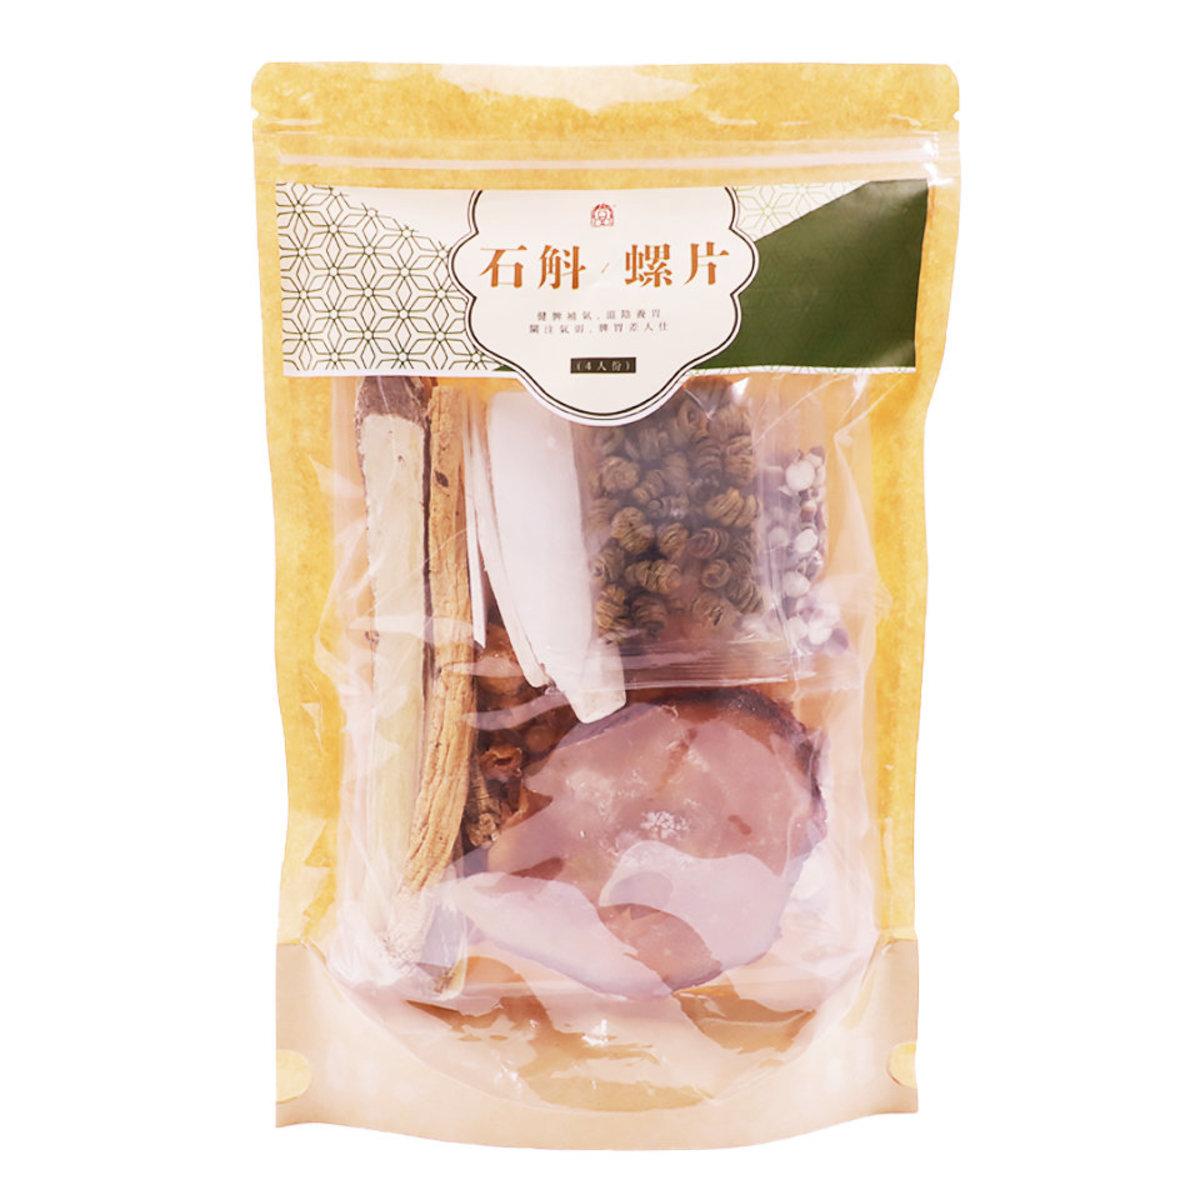 石斛螺片湯包(疏肝明目)